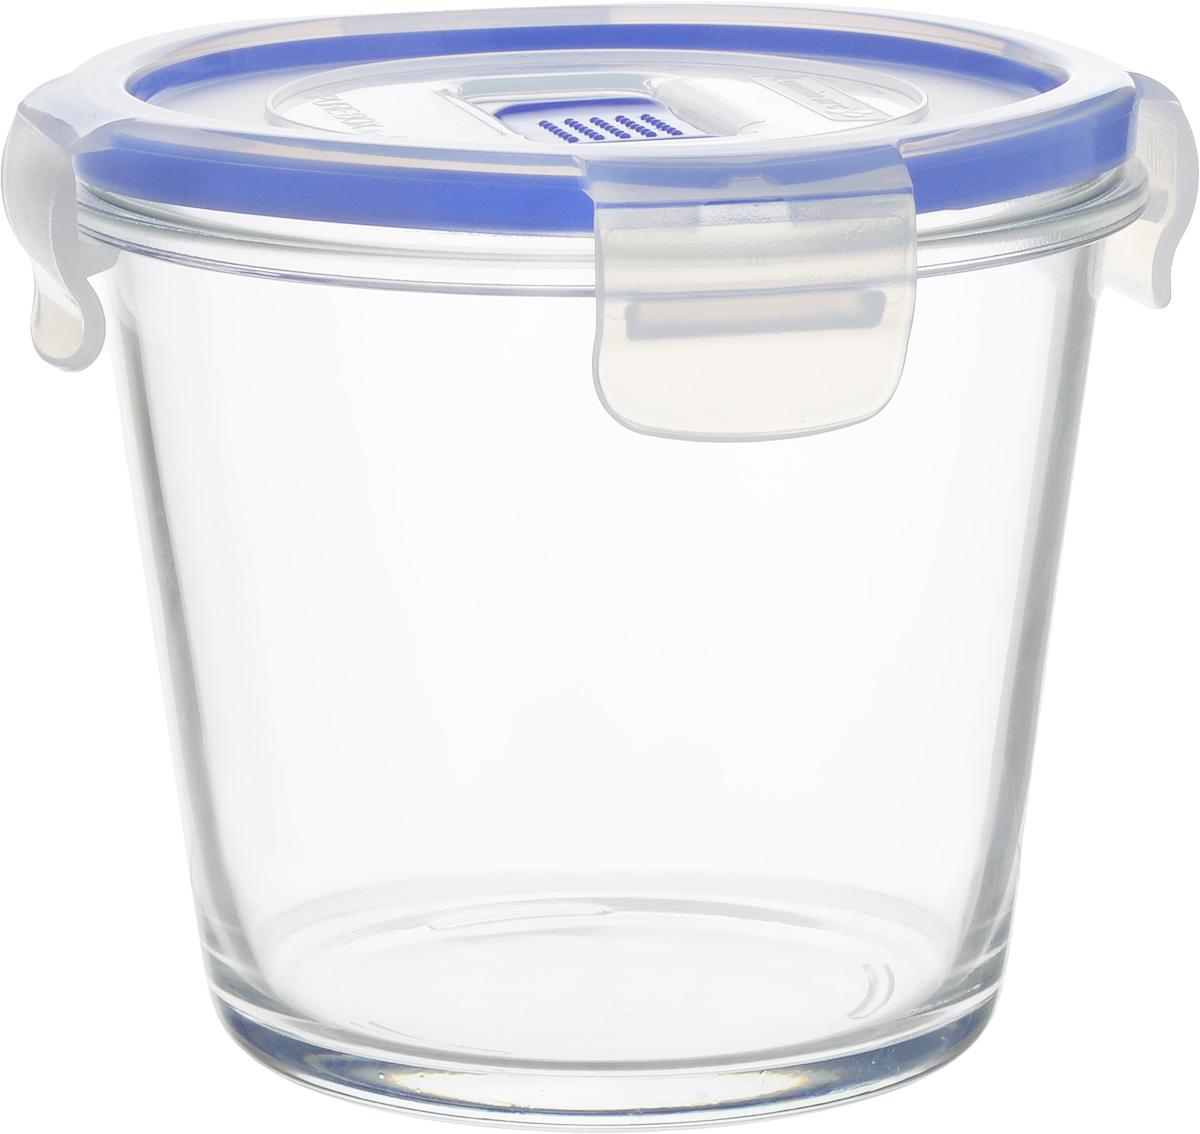 Контейнер Luminarc Pure Box Active, цвет: прозрачный, васильковый, 840 млJ5643Круглый контейнер Luminarc Pure Box Active изготовлен из жаропрочного закаленного стекла и предназначен для хранения любых пищевых продуктов. Благодаря особым технологиям изготовления, контейнер в течении времени службы не меняет цвет и не пропитывается запахами. Пластиковая крышка с силиконовой вставкой герметично защелкивается специальным механизмом. Контейнер Luminarc Pure Box Active удобен для ежедневного использования в быту. Подходит для хранения в холодильнике. Можно мыть в посудомоечной машине и использовать в СВЧ. Размер контейнера (без учета крышки): 13 х 13 х 11 см.